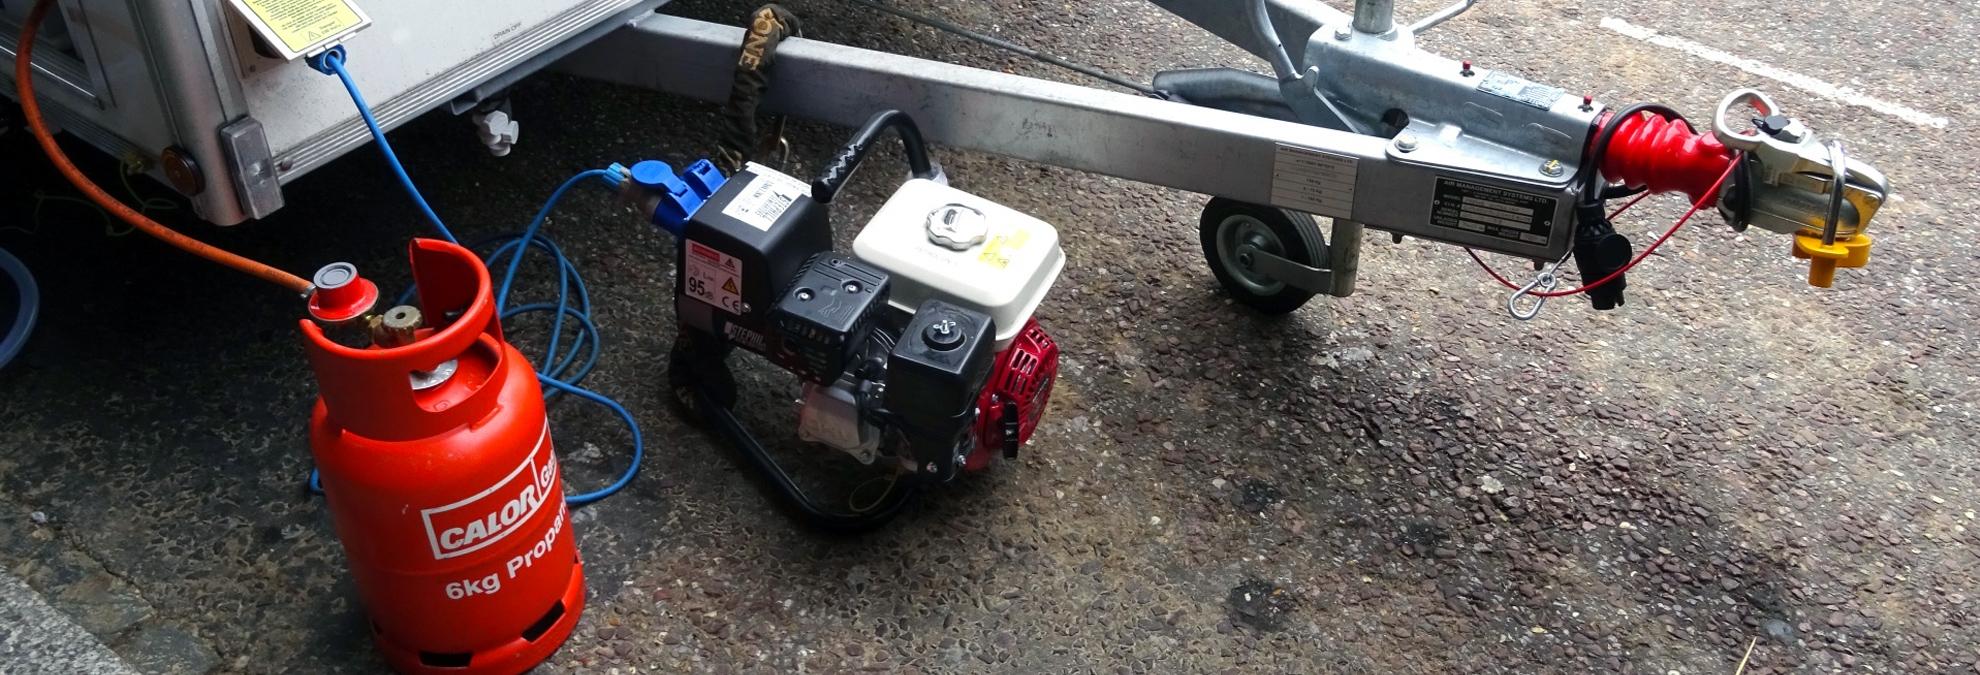 coleman generator not producing power